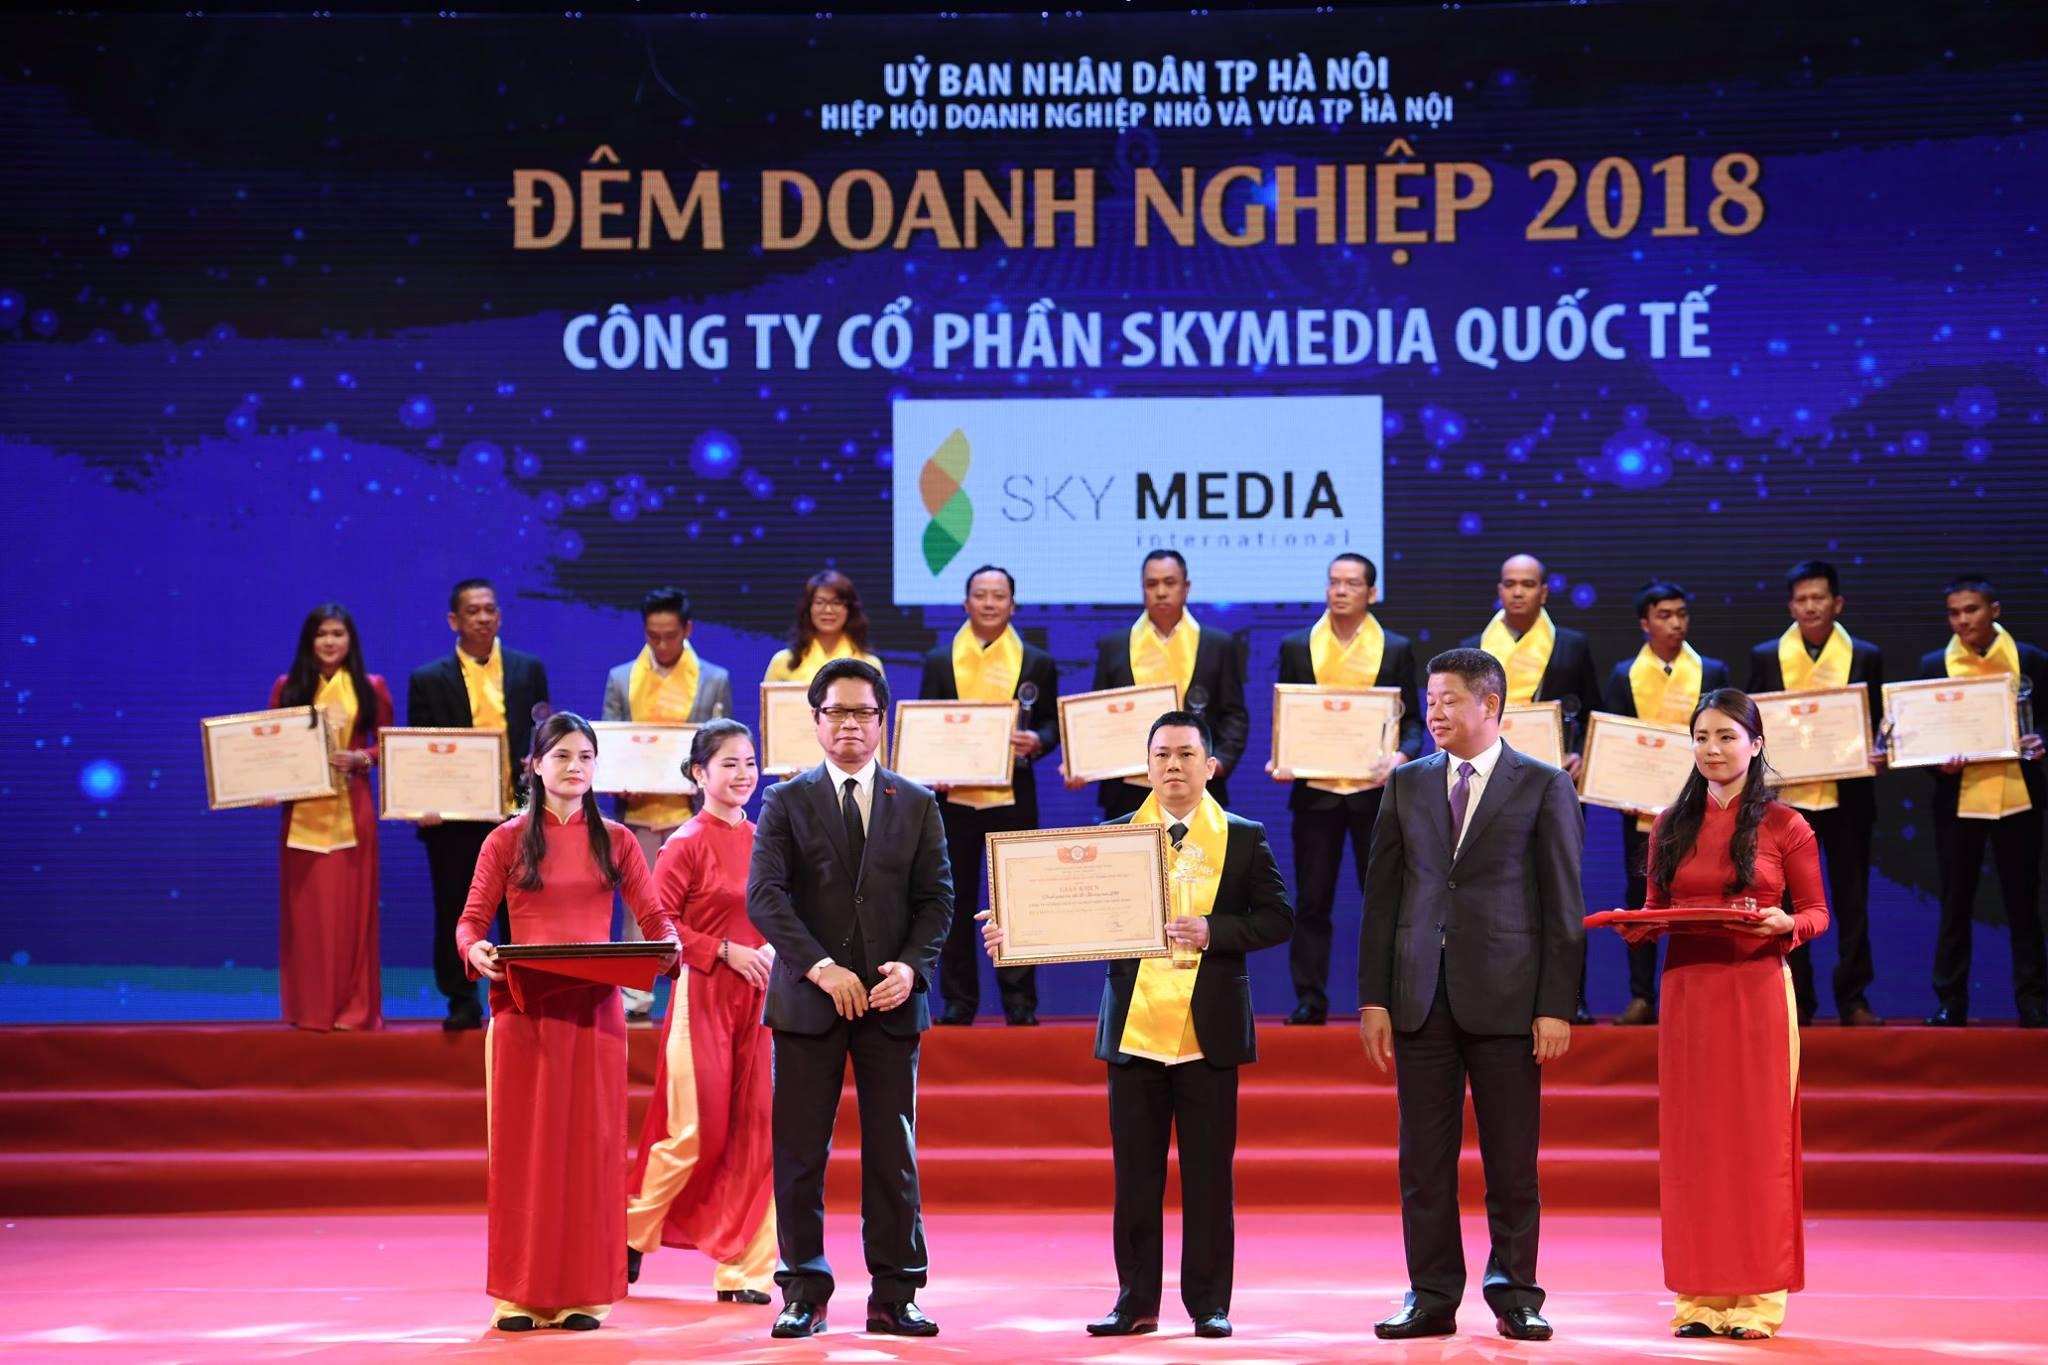 SkyMedia lần thứ 5 liên tiếp được vinh danh tại Đêm doanh nghiệp